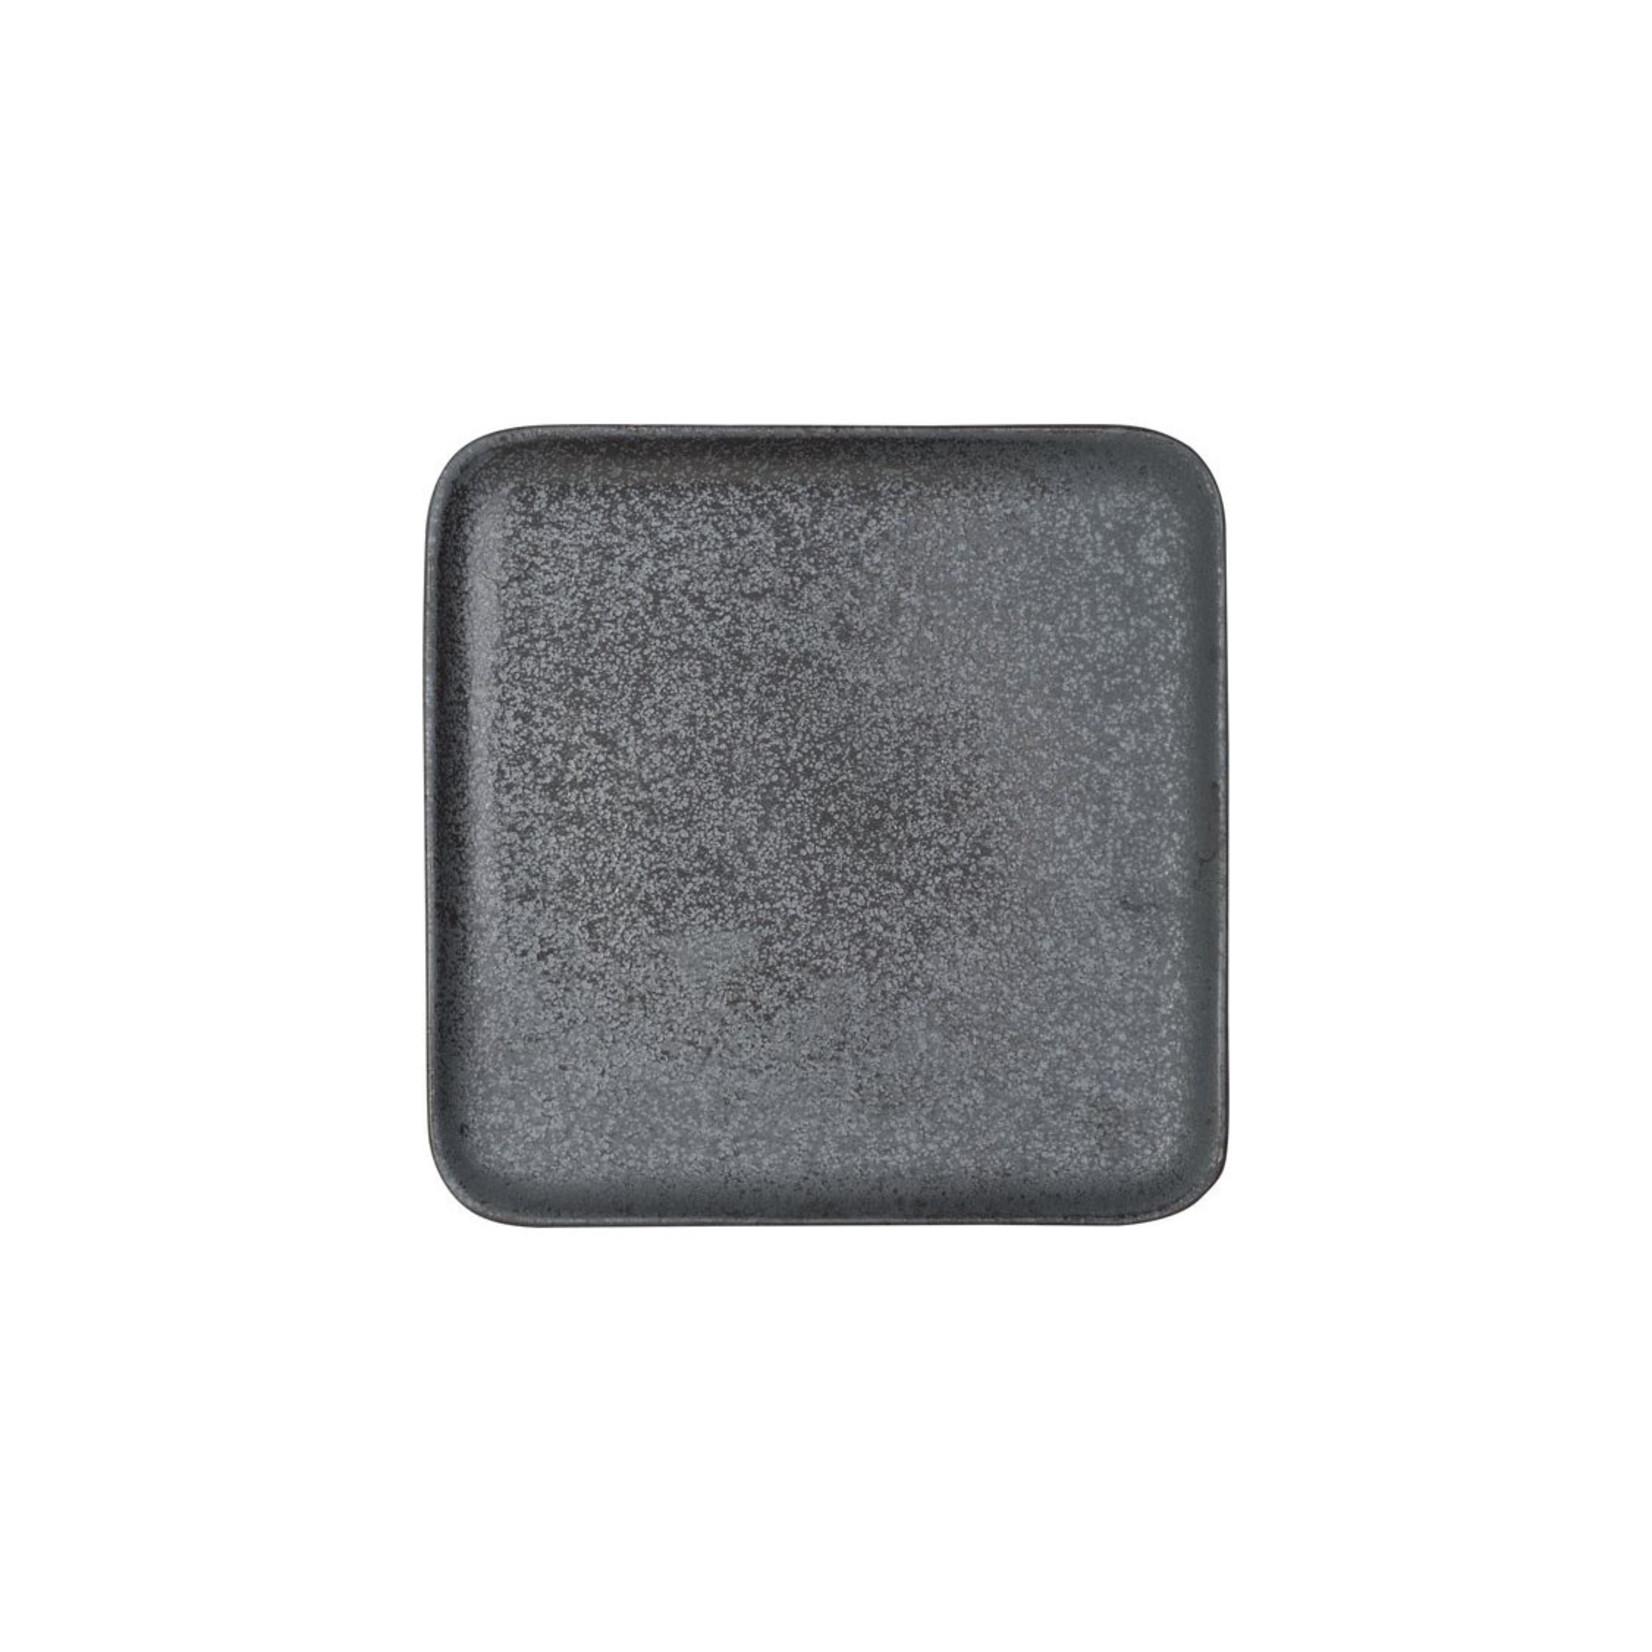 Bordje grijs 20x20cm aardewerk